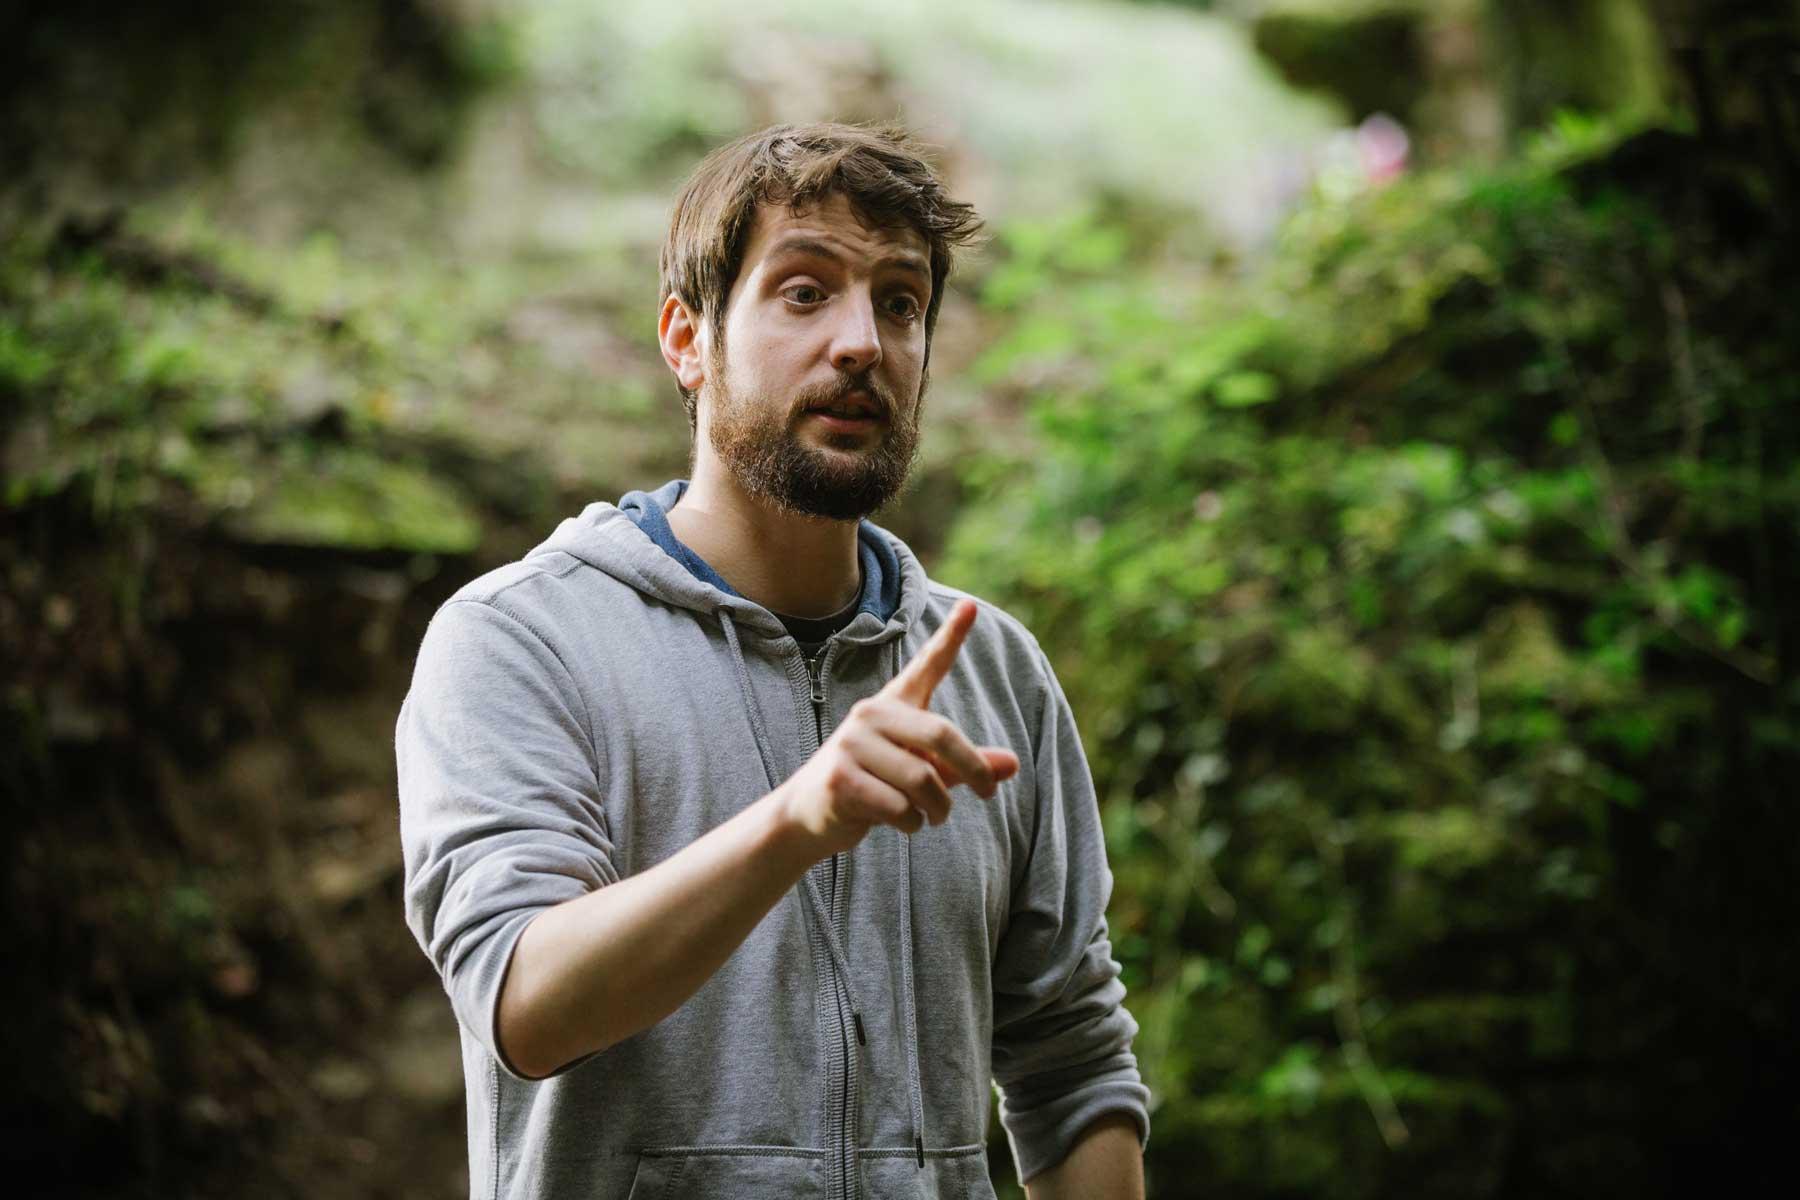 Jon Mikel Caballero en el rodaje de El increíble finde menguante